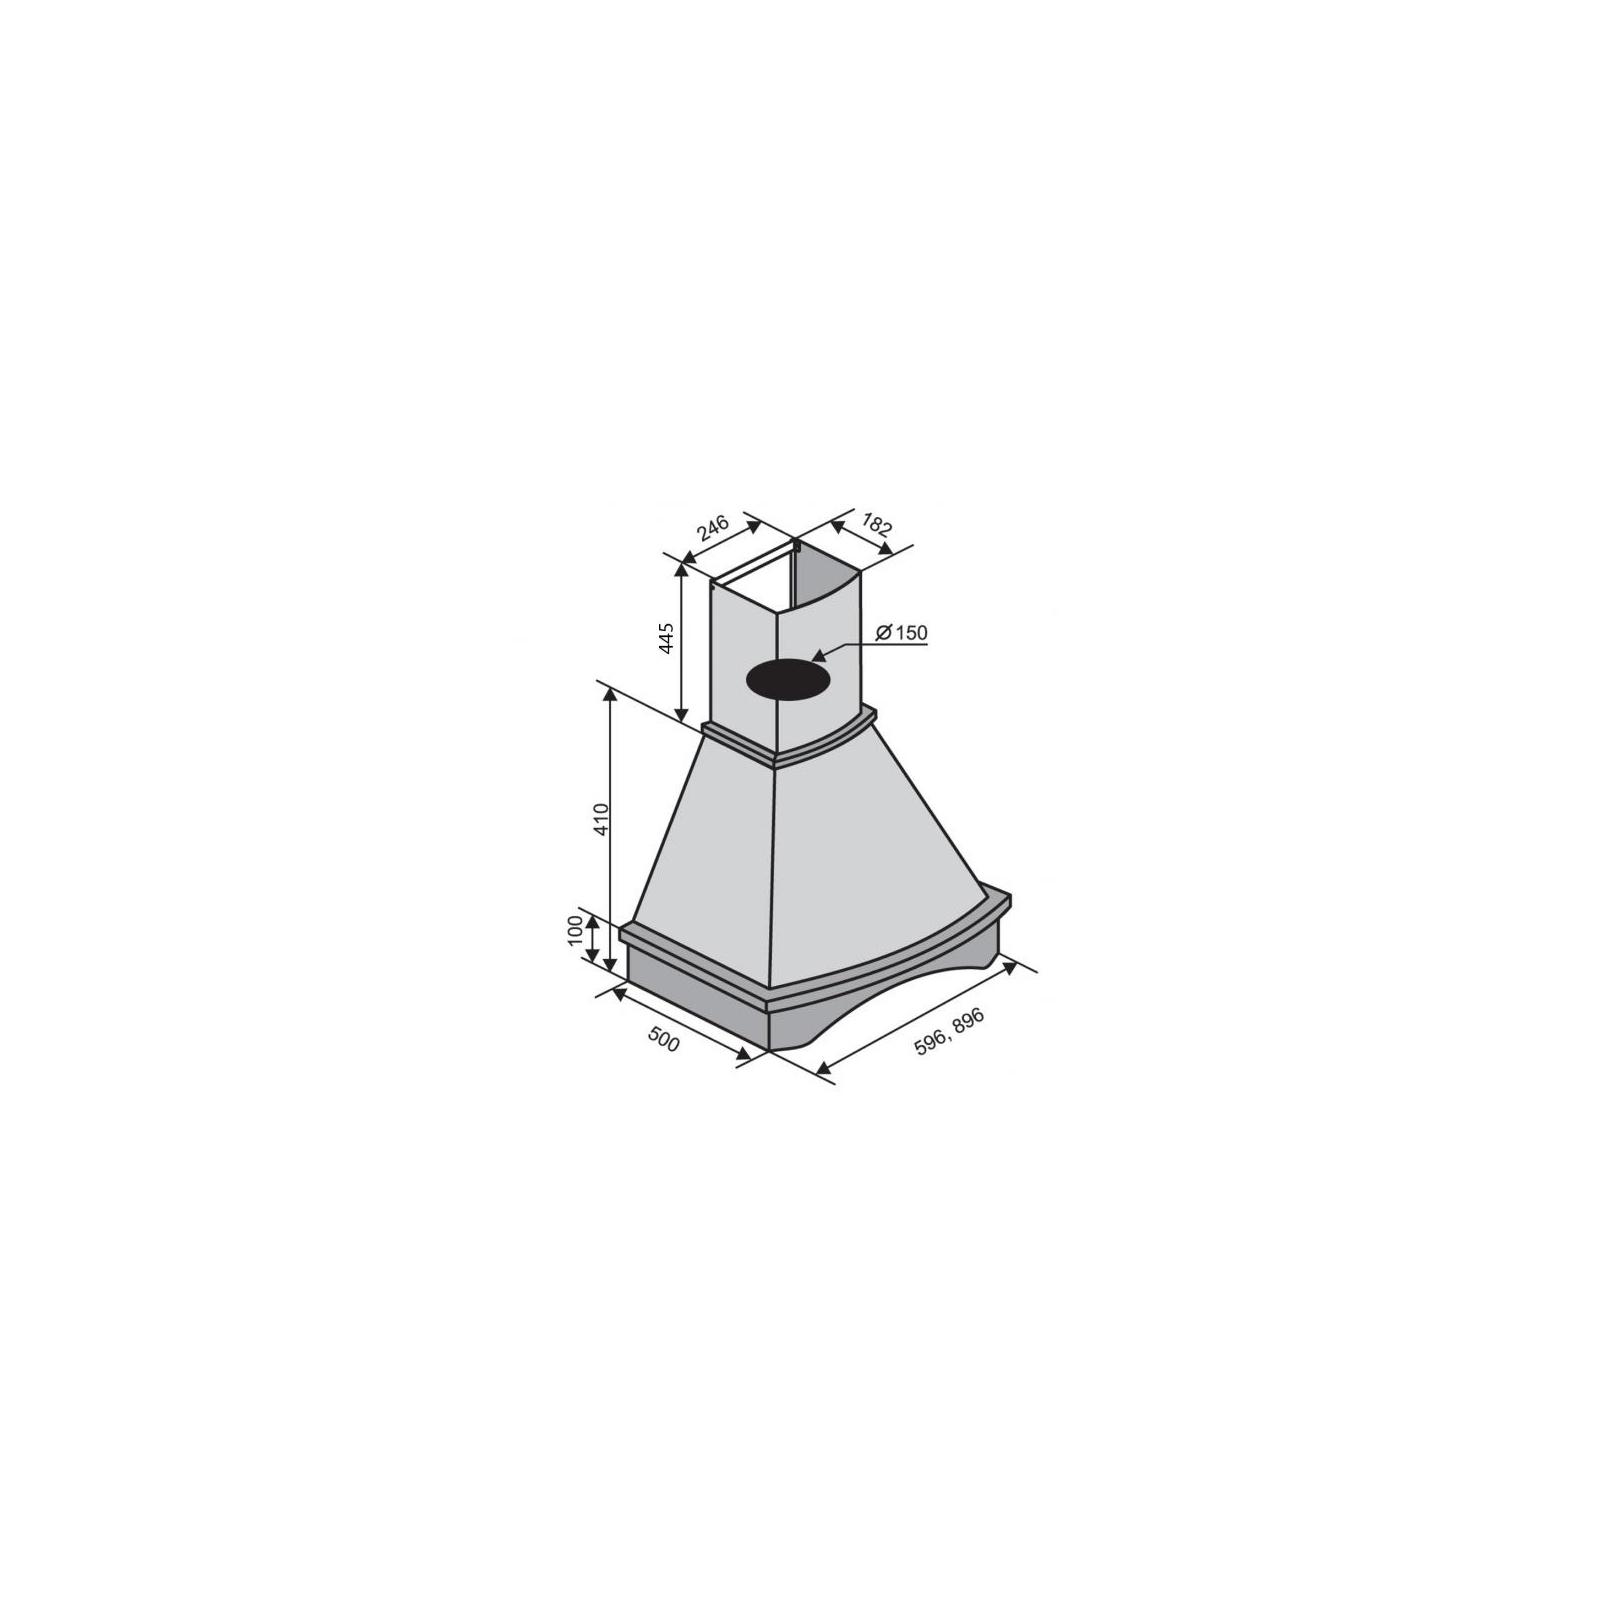 Вытяжка кухонная VENTOLUX VICENZA 60 RW OW (750) IT изображение 2